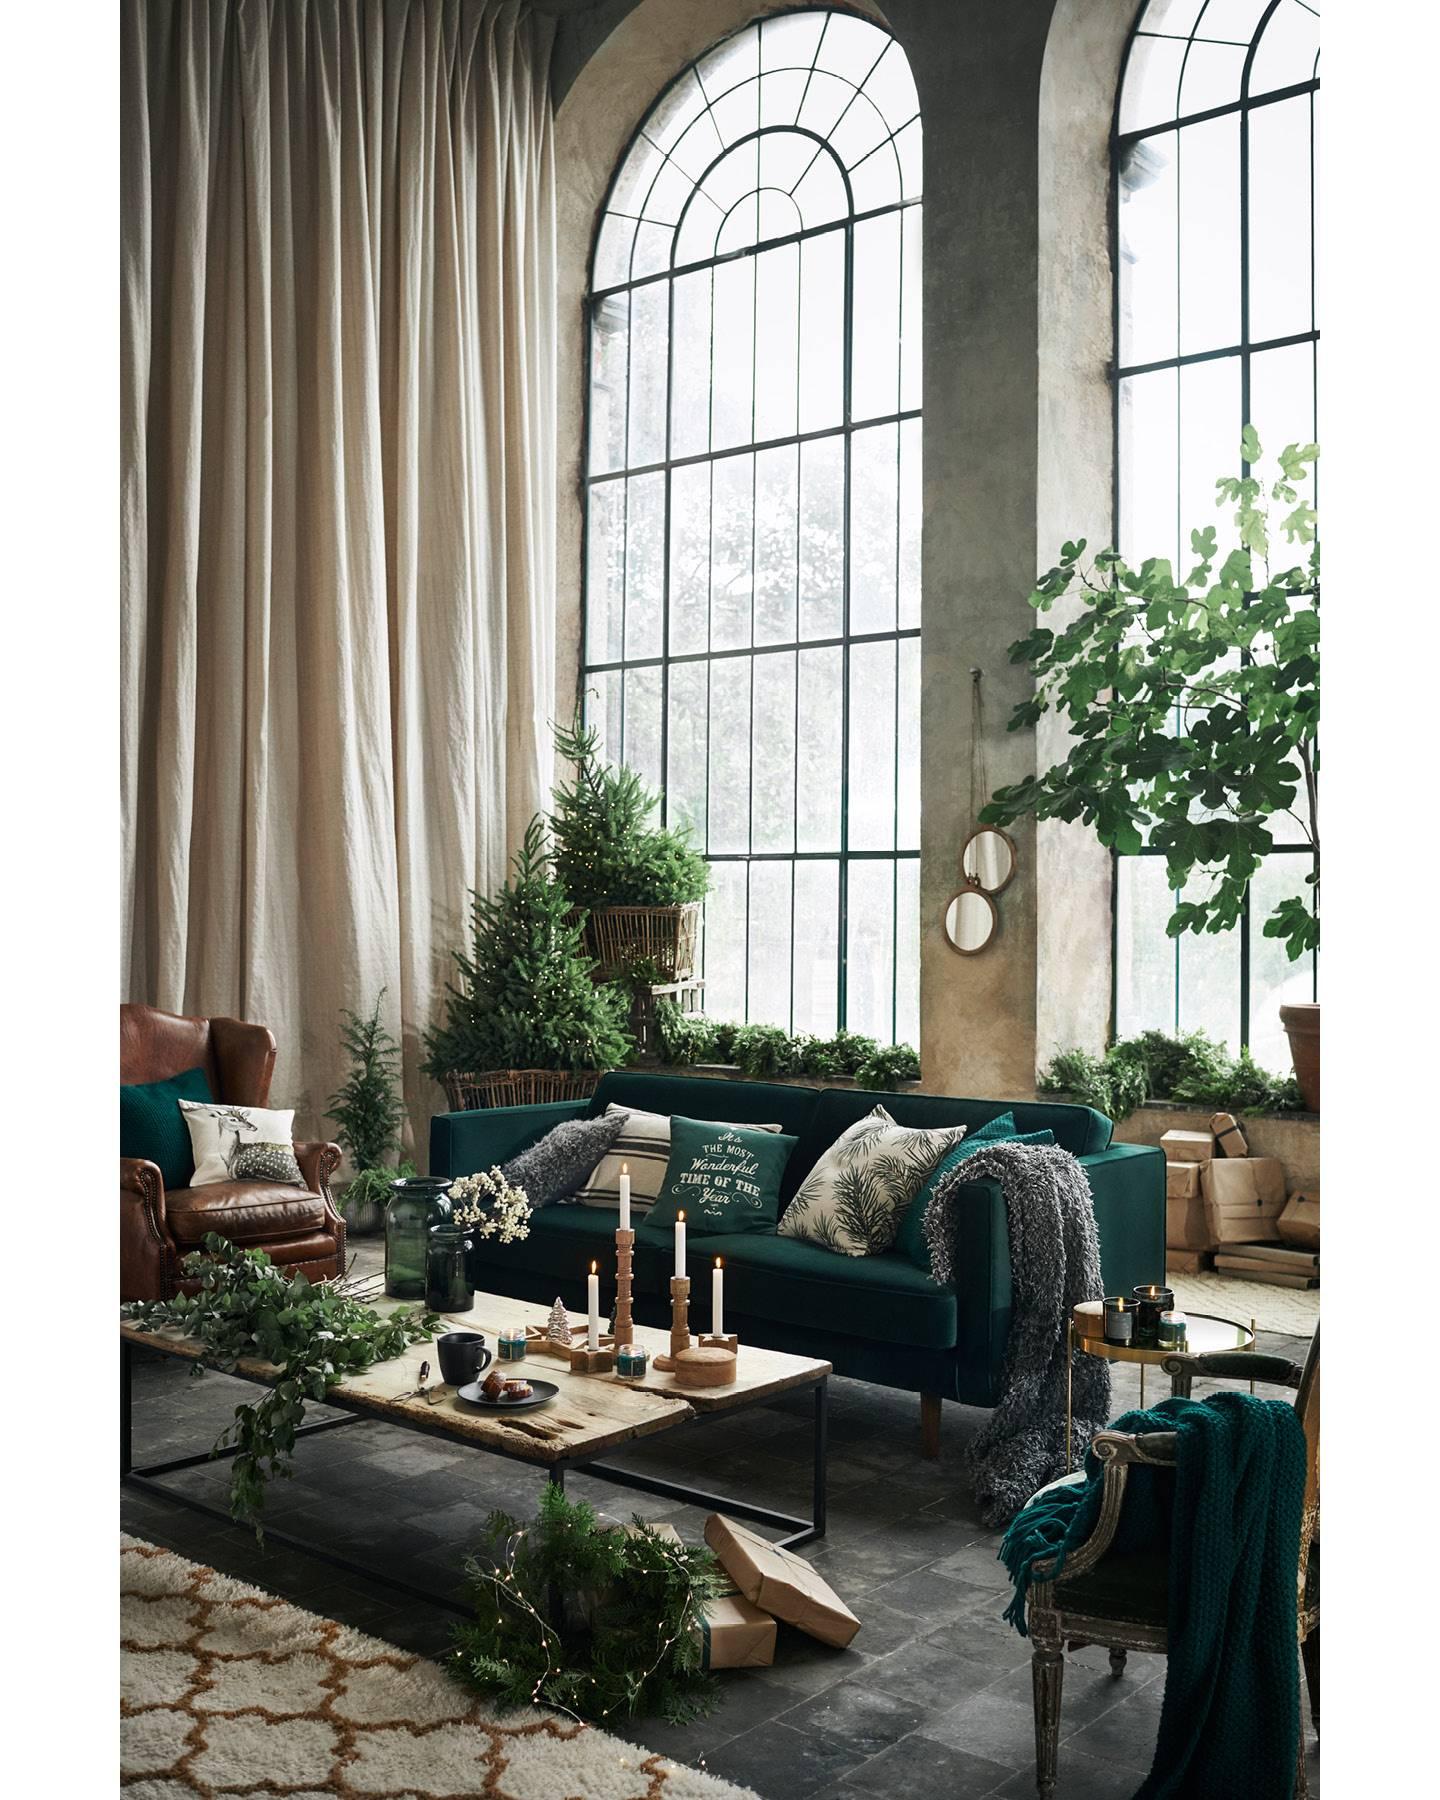 Thiết kế phòng khách phong cách Bắc Âu với tone xanh cây thông